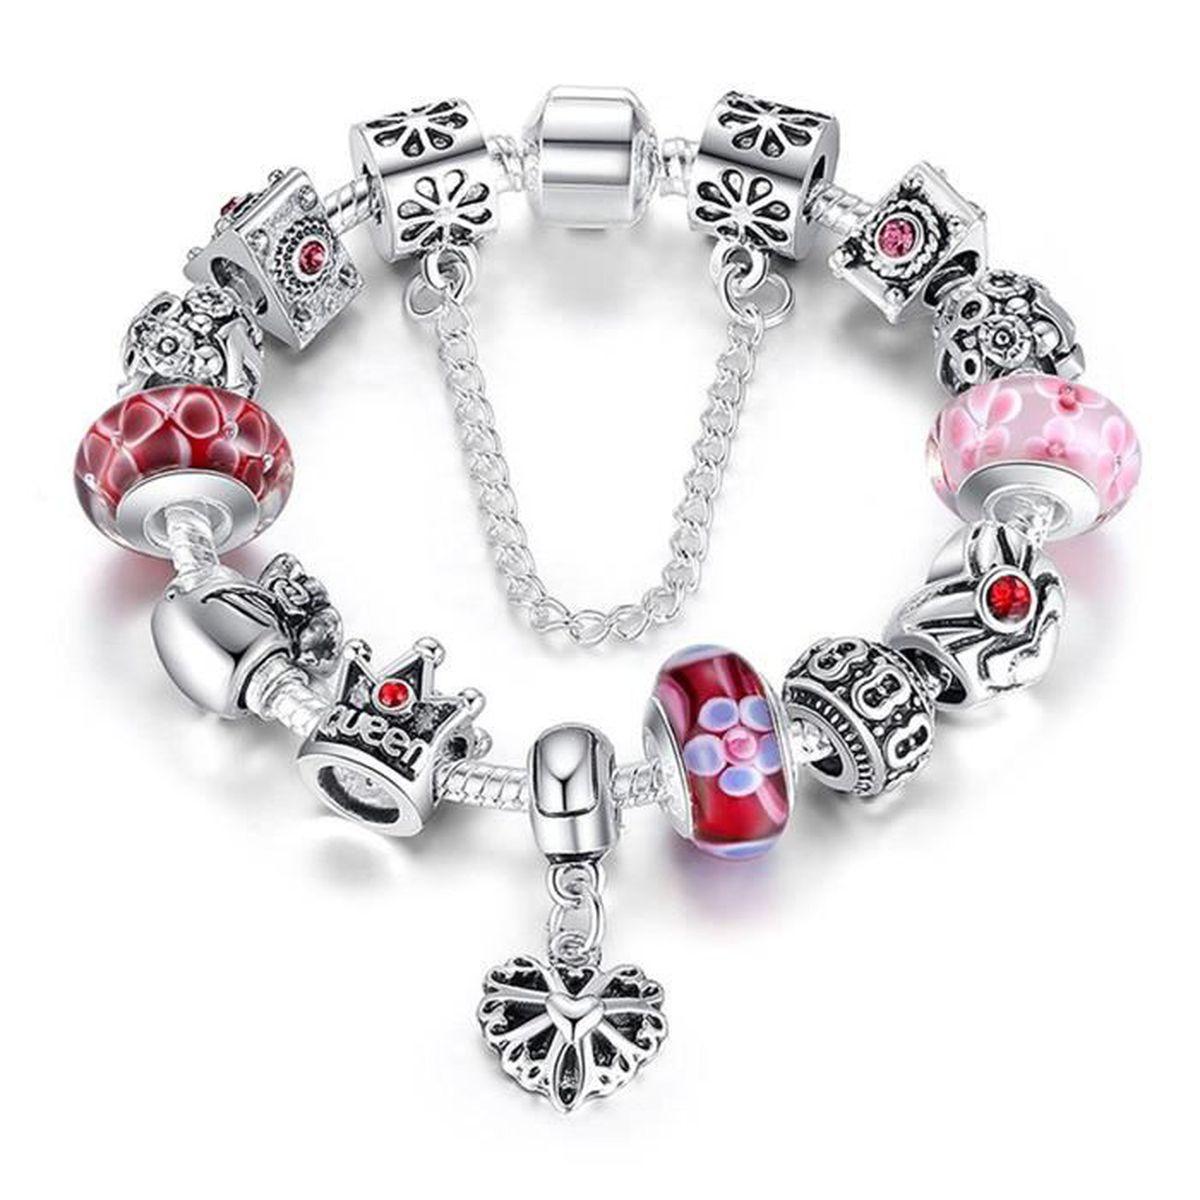 BRACELET - GOURMETTE Bracelet Charms Femmes